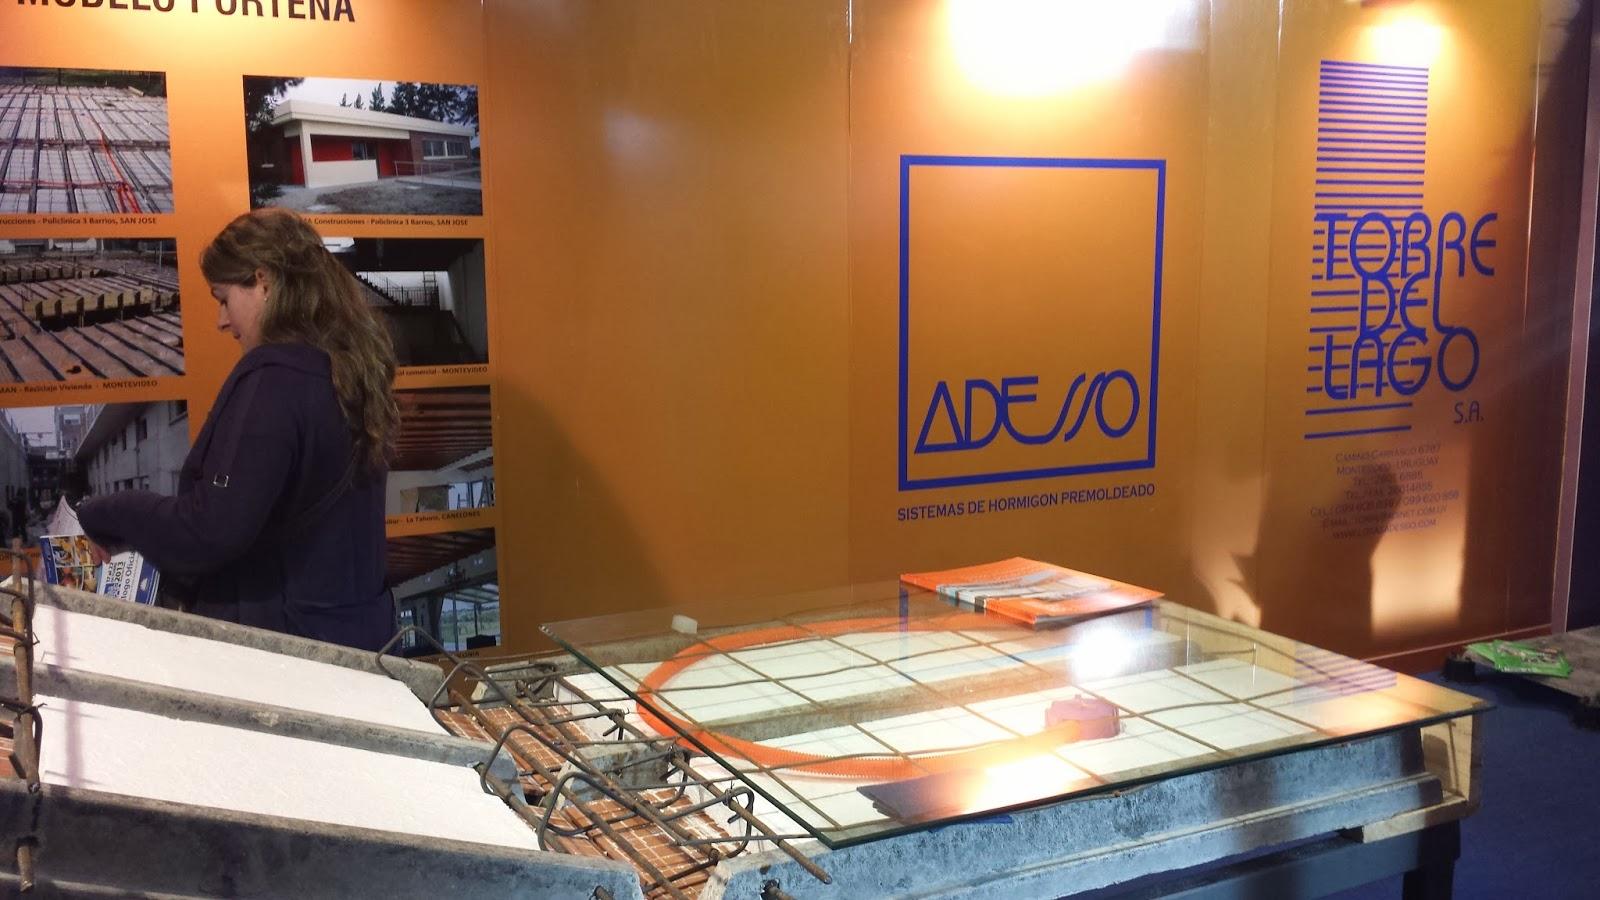 Design insider feria construcci n montevideo 2013 sistemas constructivos y prefab - Feria de casas prefabricadas ...